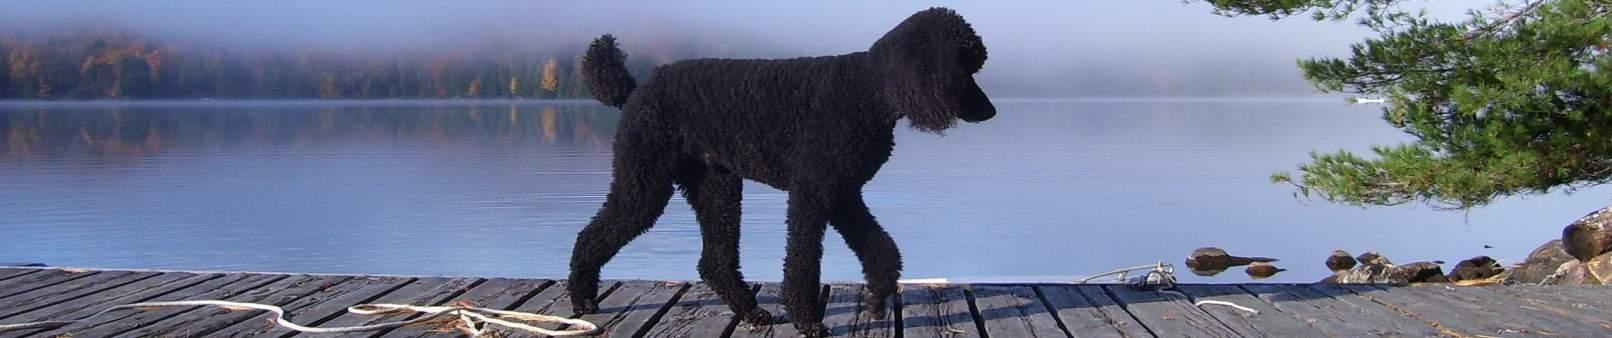 NYOC Dog Training